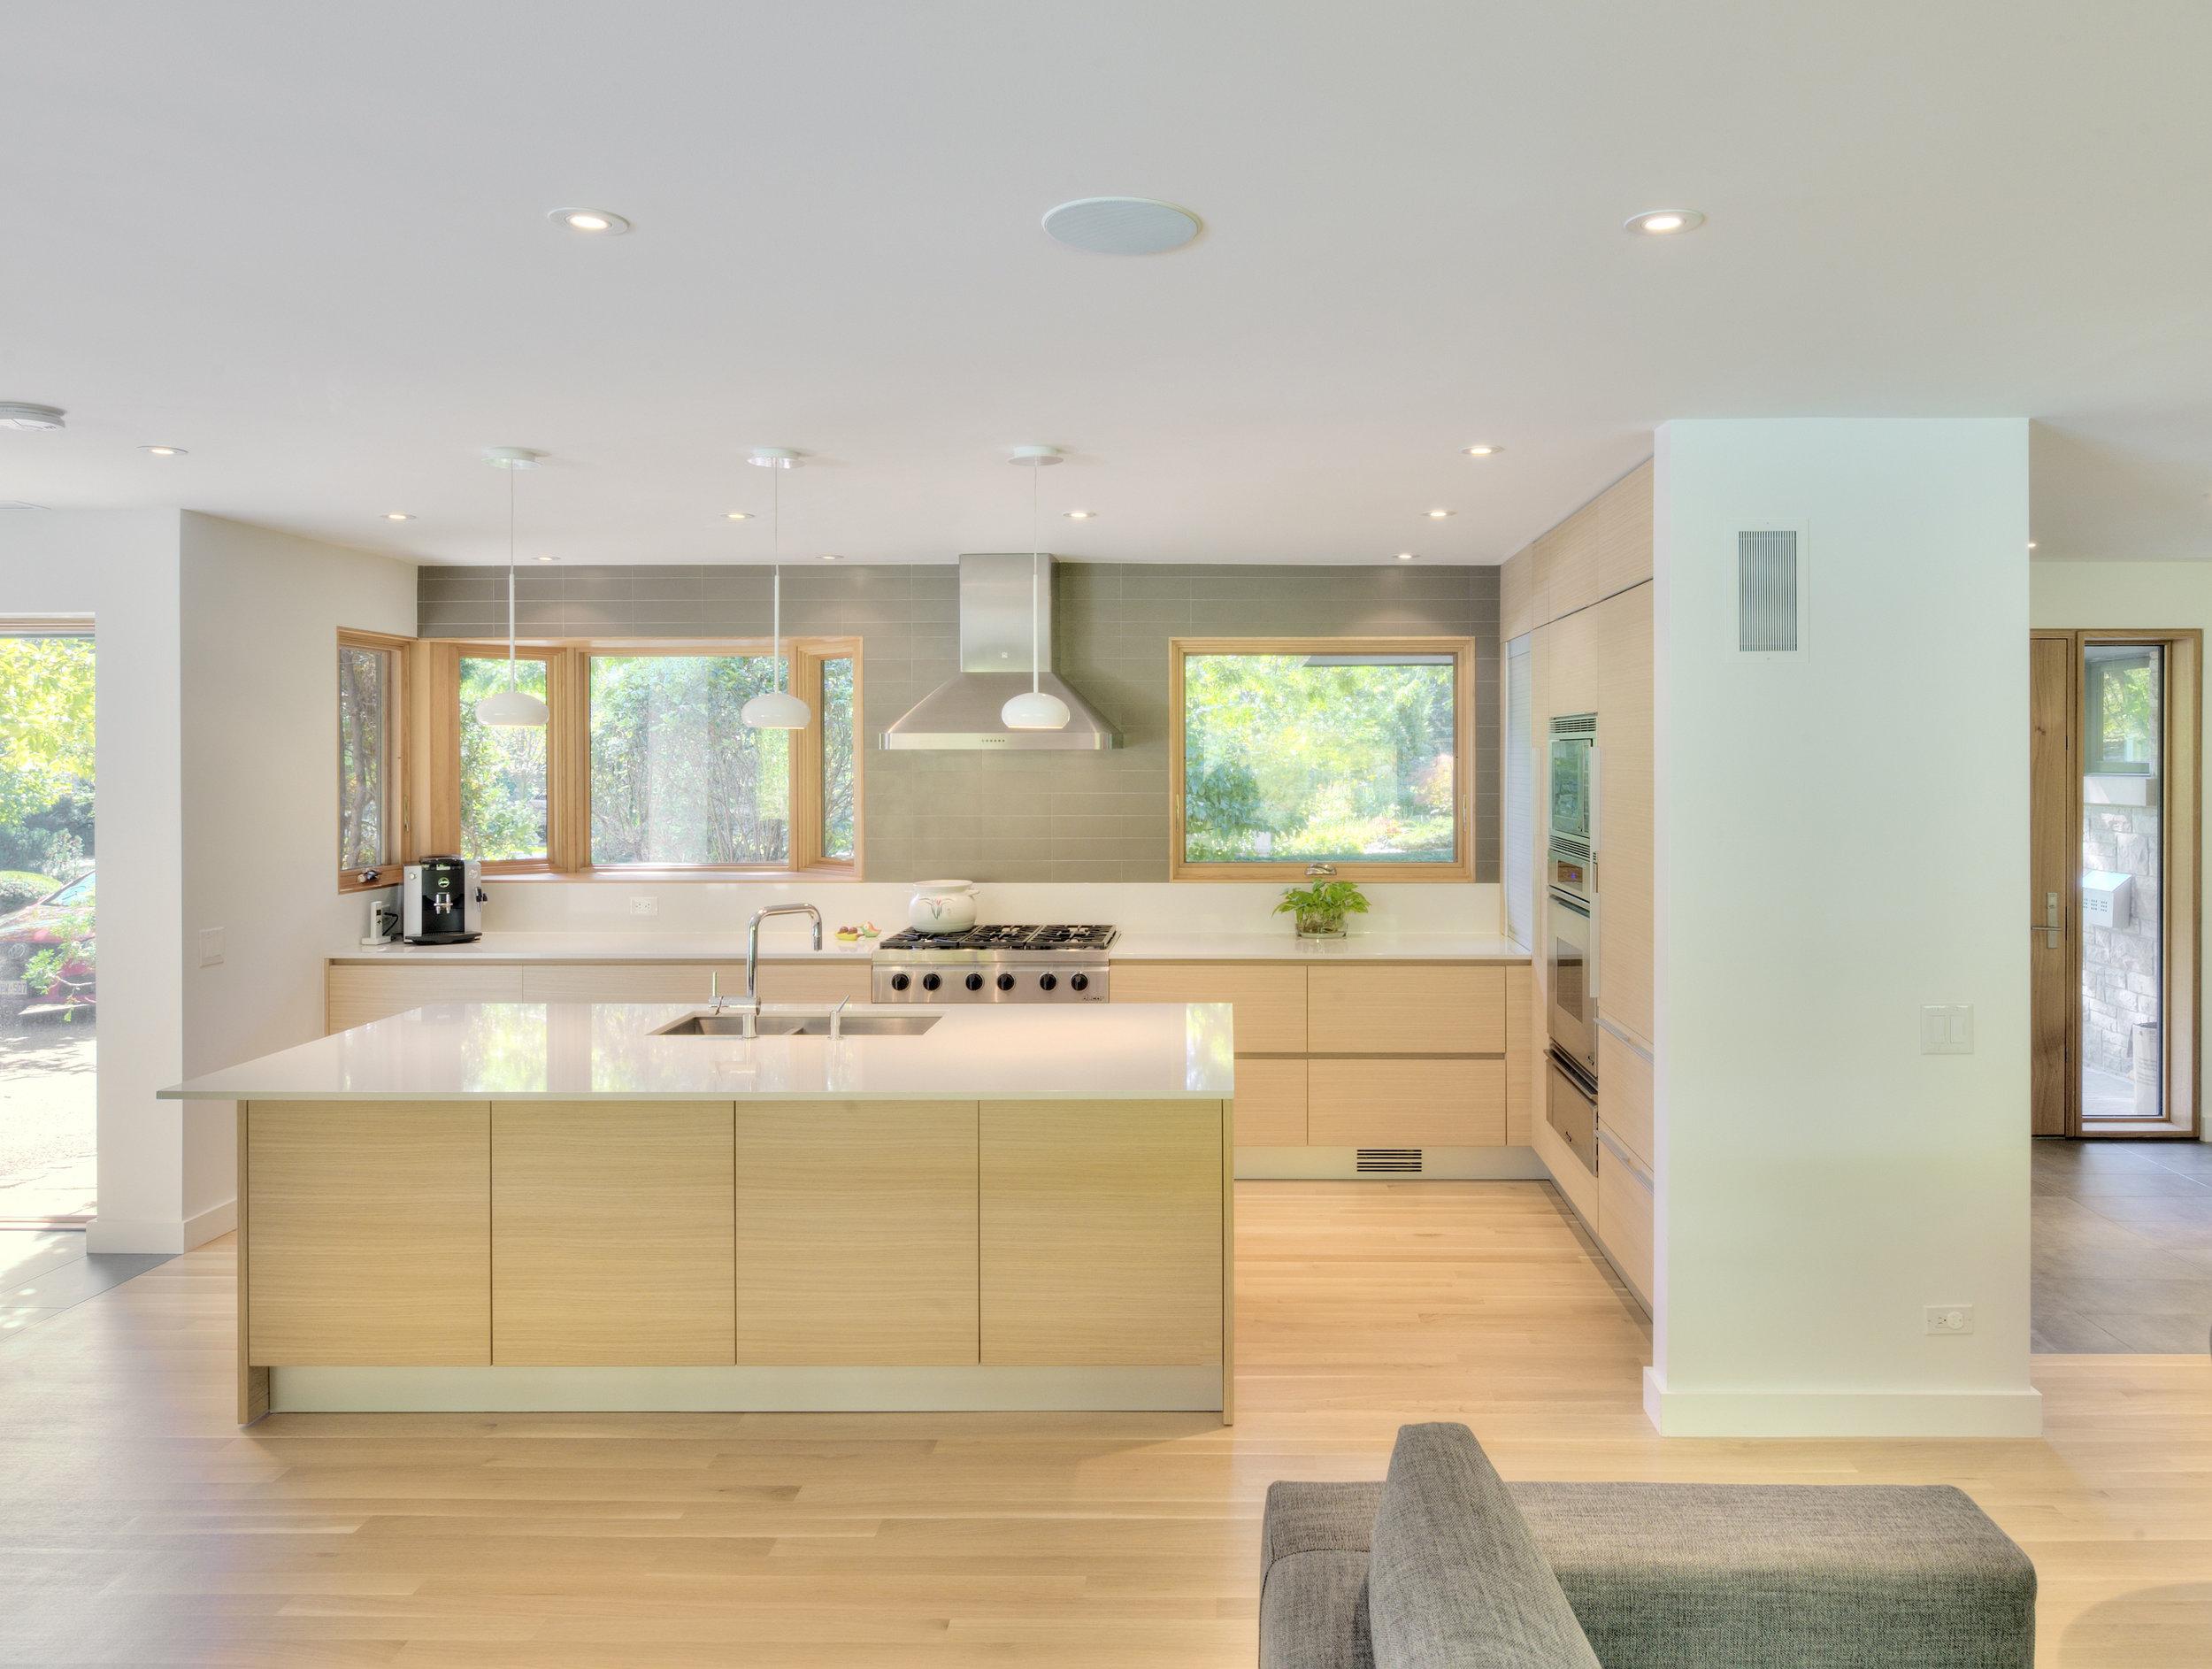 Hoggs Hollow Interior Kitchen